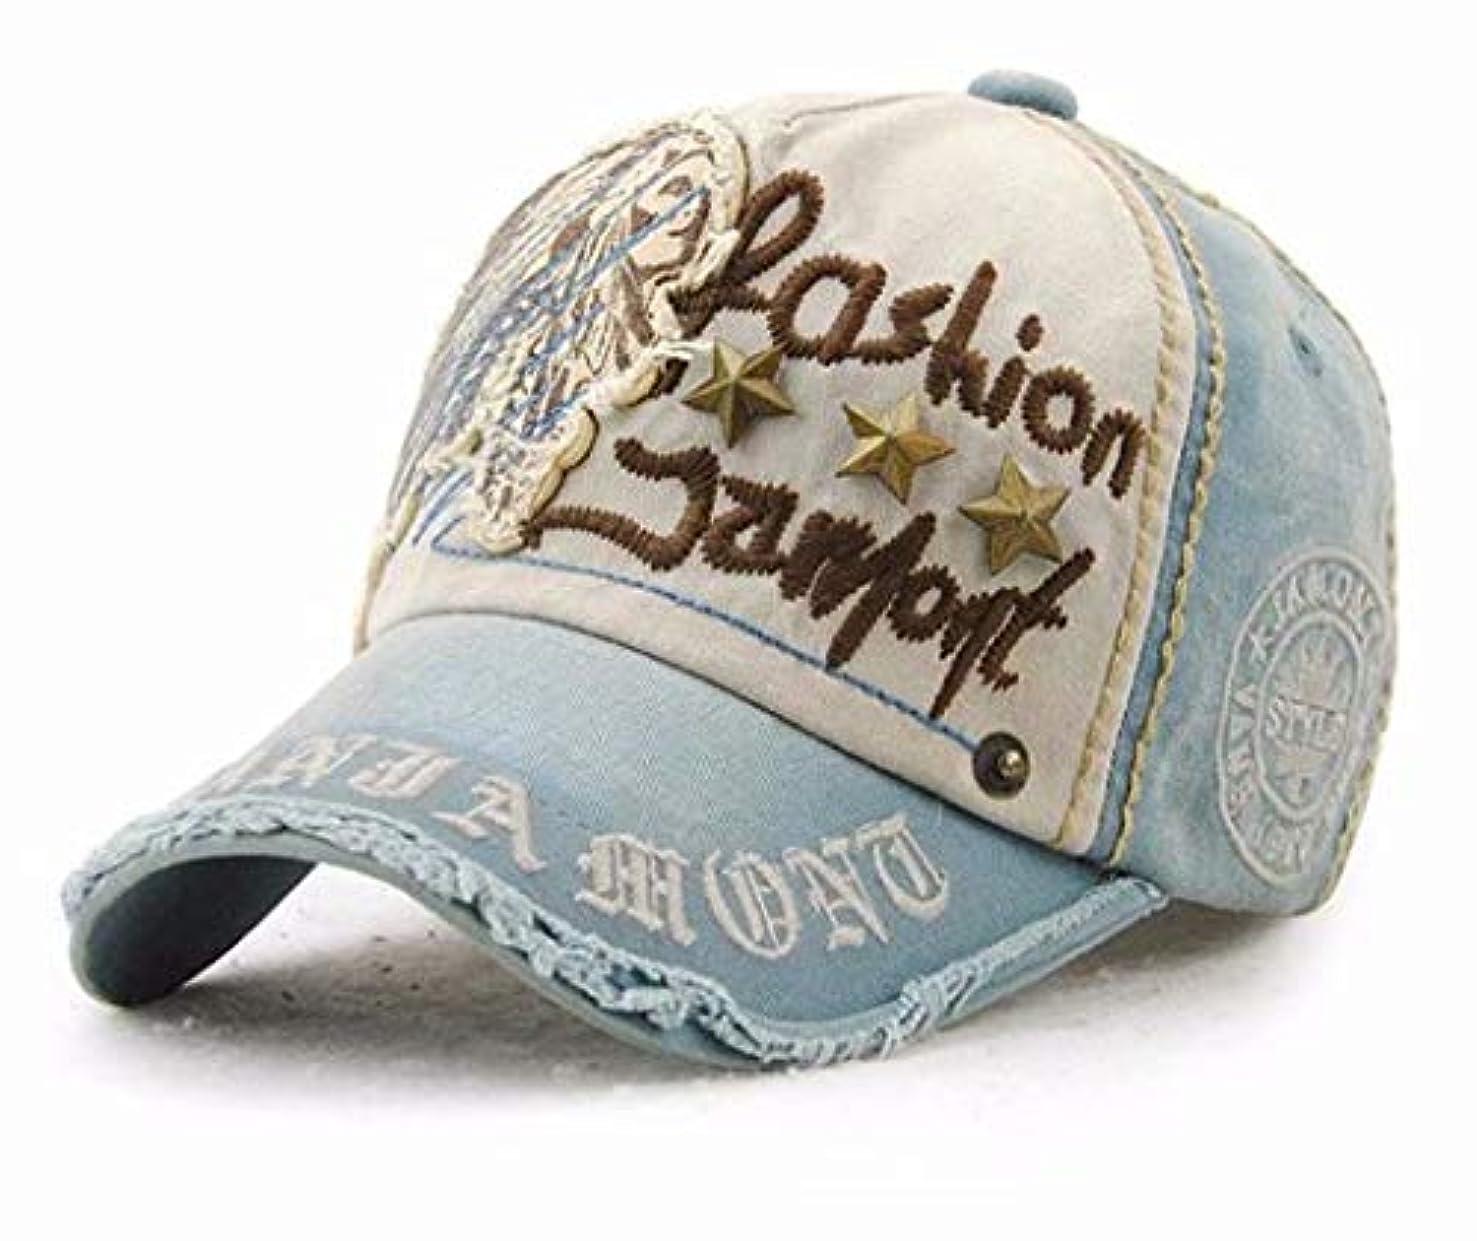 賭けドラマ微妙七里の香 リベットの刺繍の野球帽を ファッションのカウボーイハットをピークに、キャップ